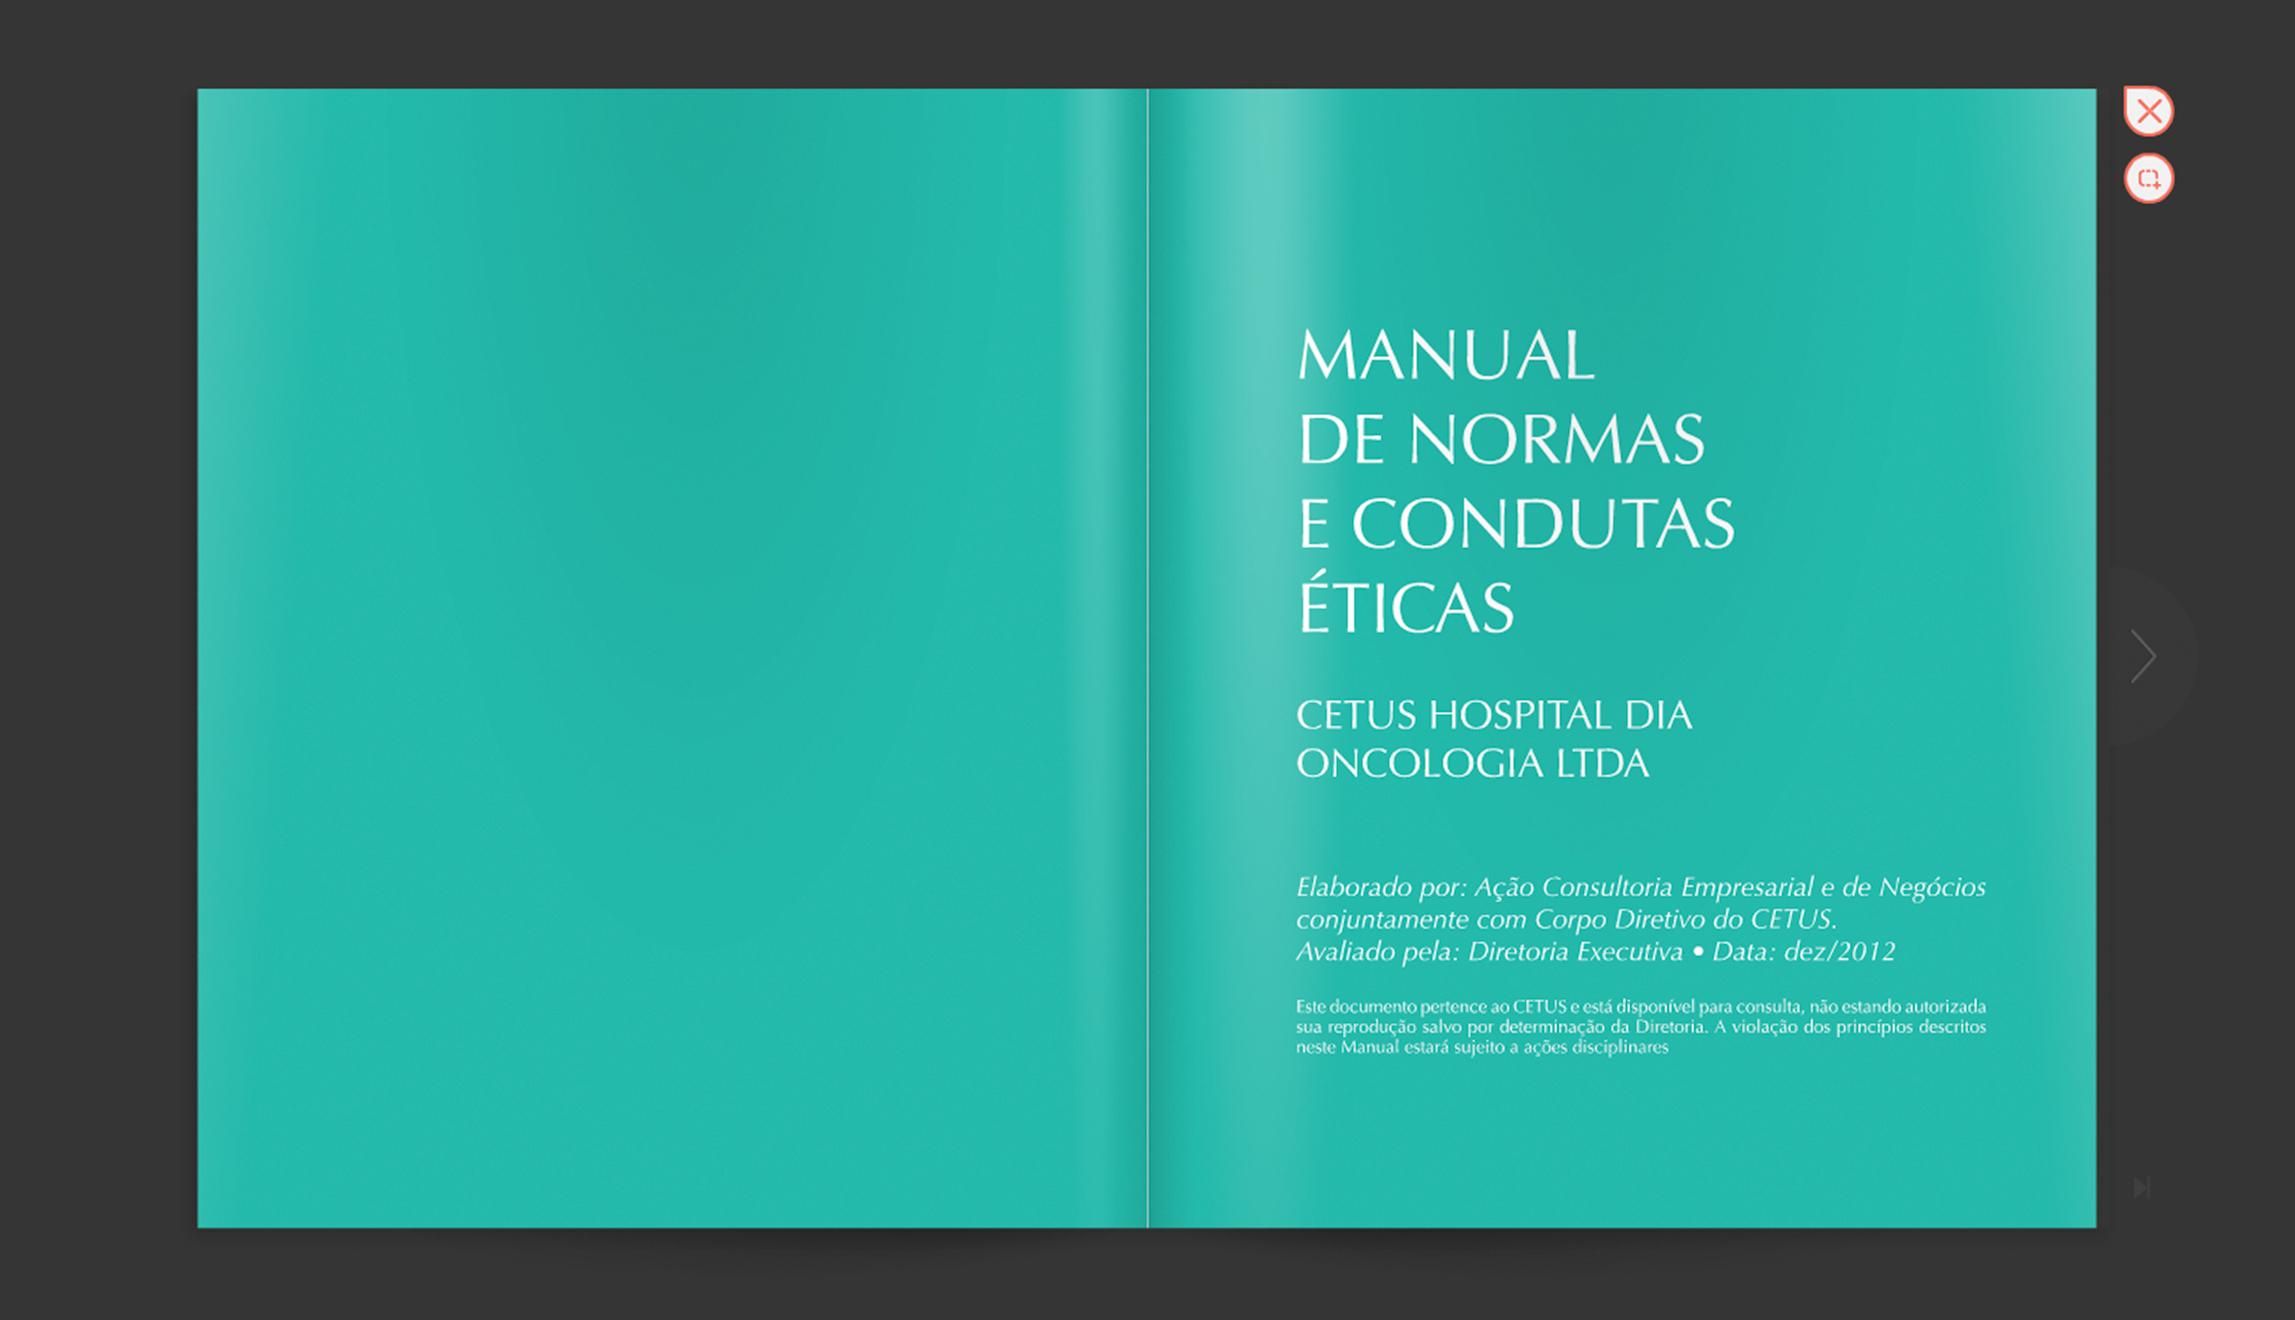 Manual-Madepal-Cetus-2